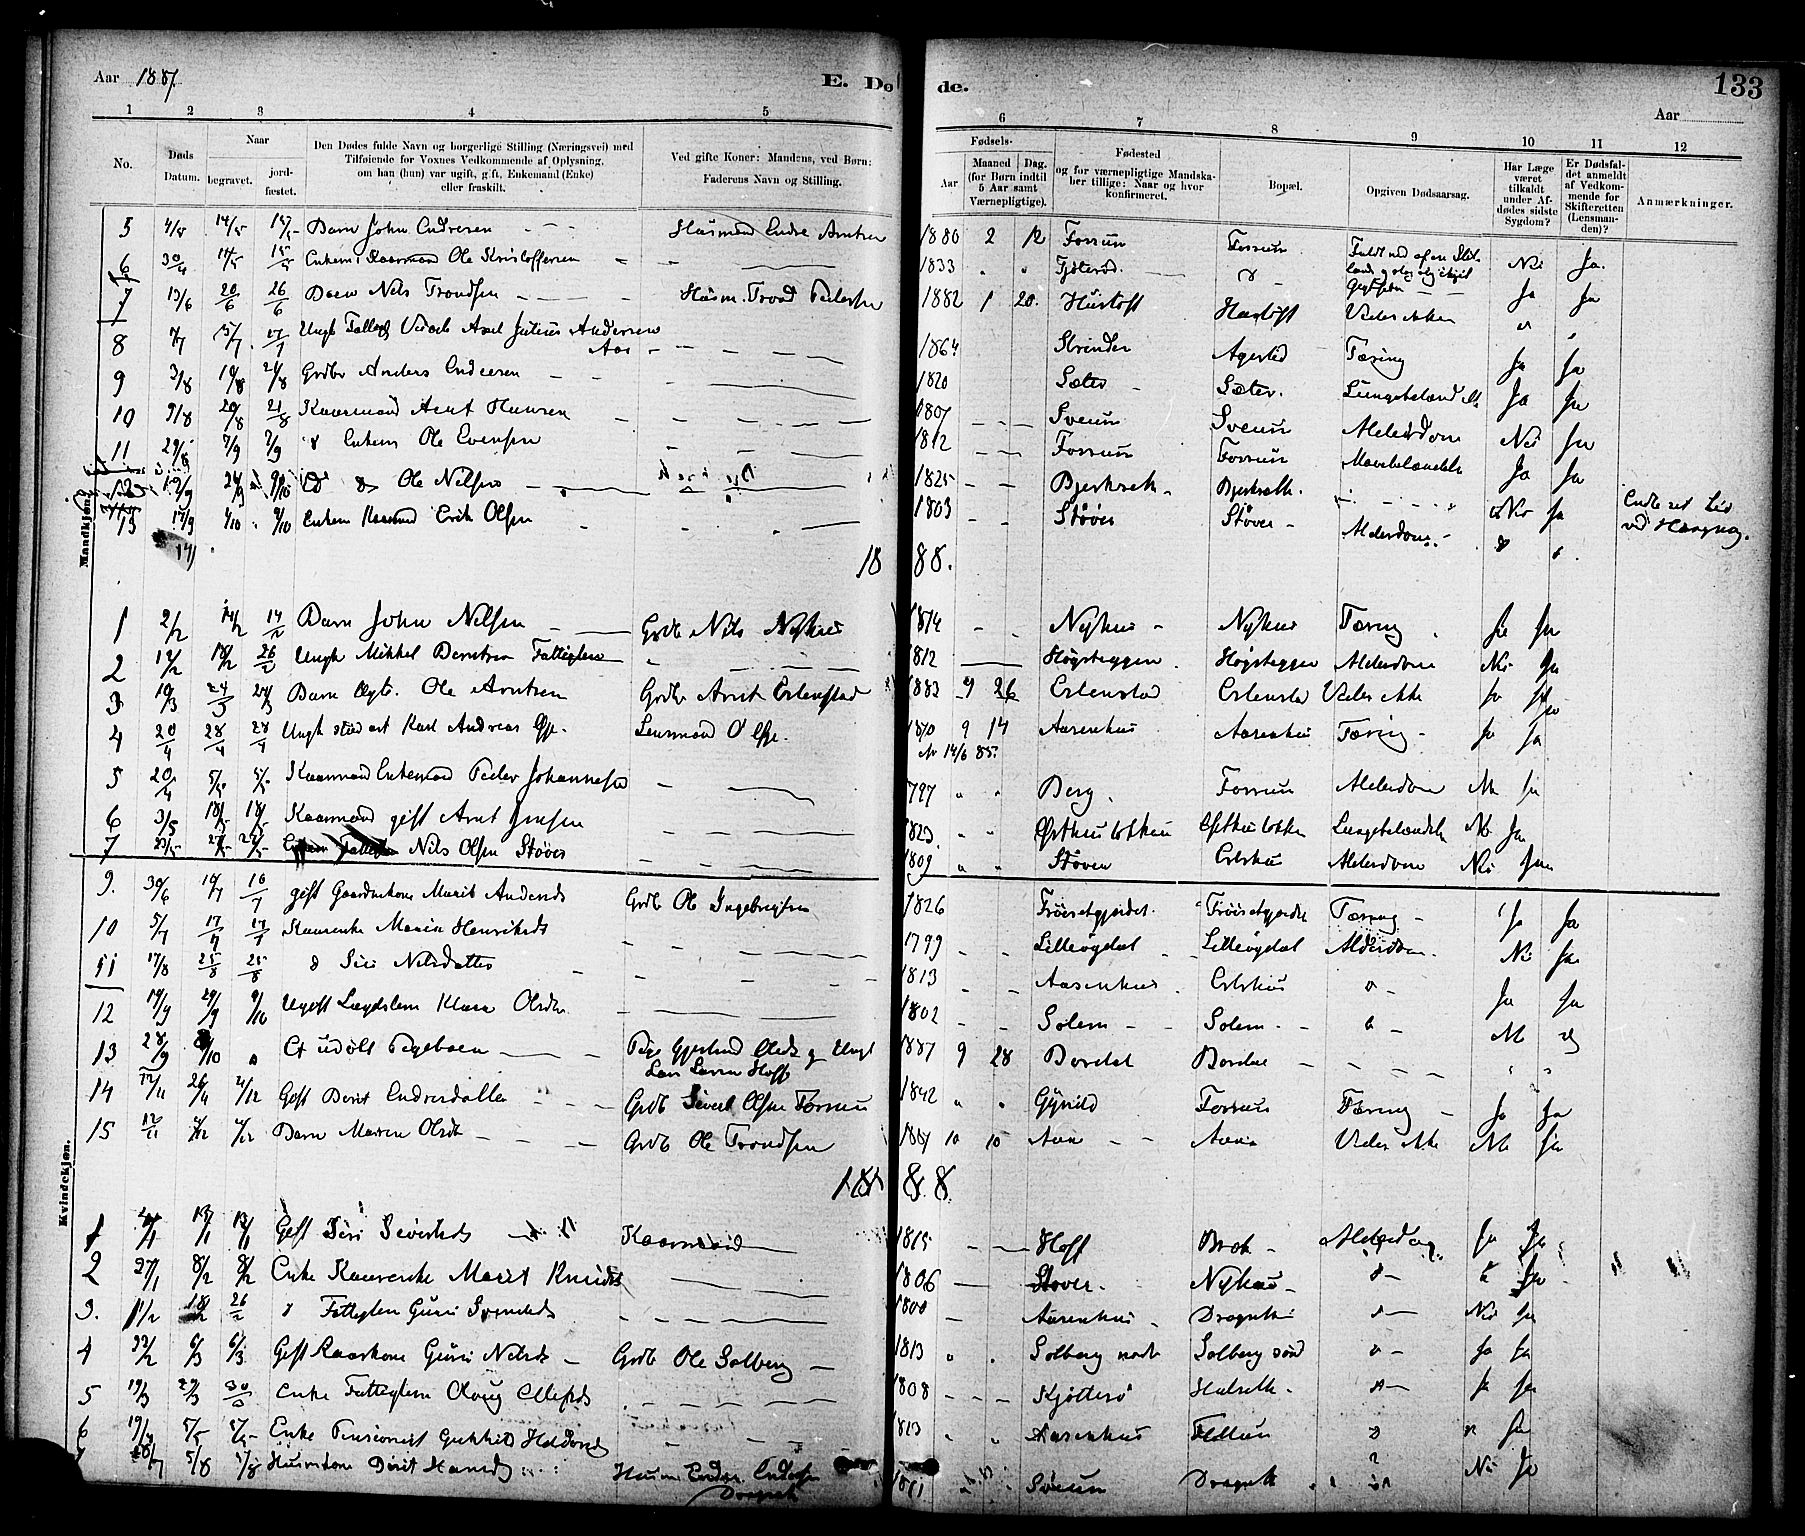 SAT, Ministerialprotokoller, klokkerbøker og fødselsregistre - Sør-Trøndelag, 689/L1040: Ministerialbok nr. 689A05, 1878-1890, s. 133